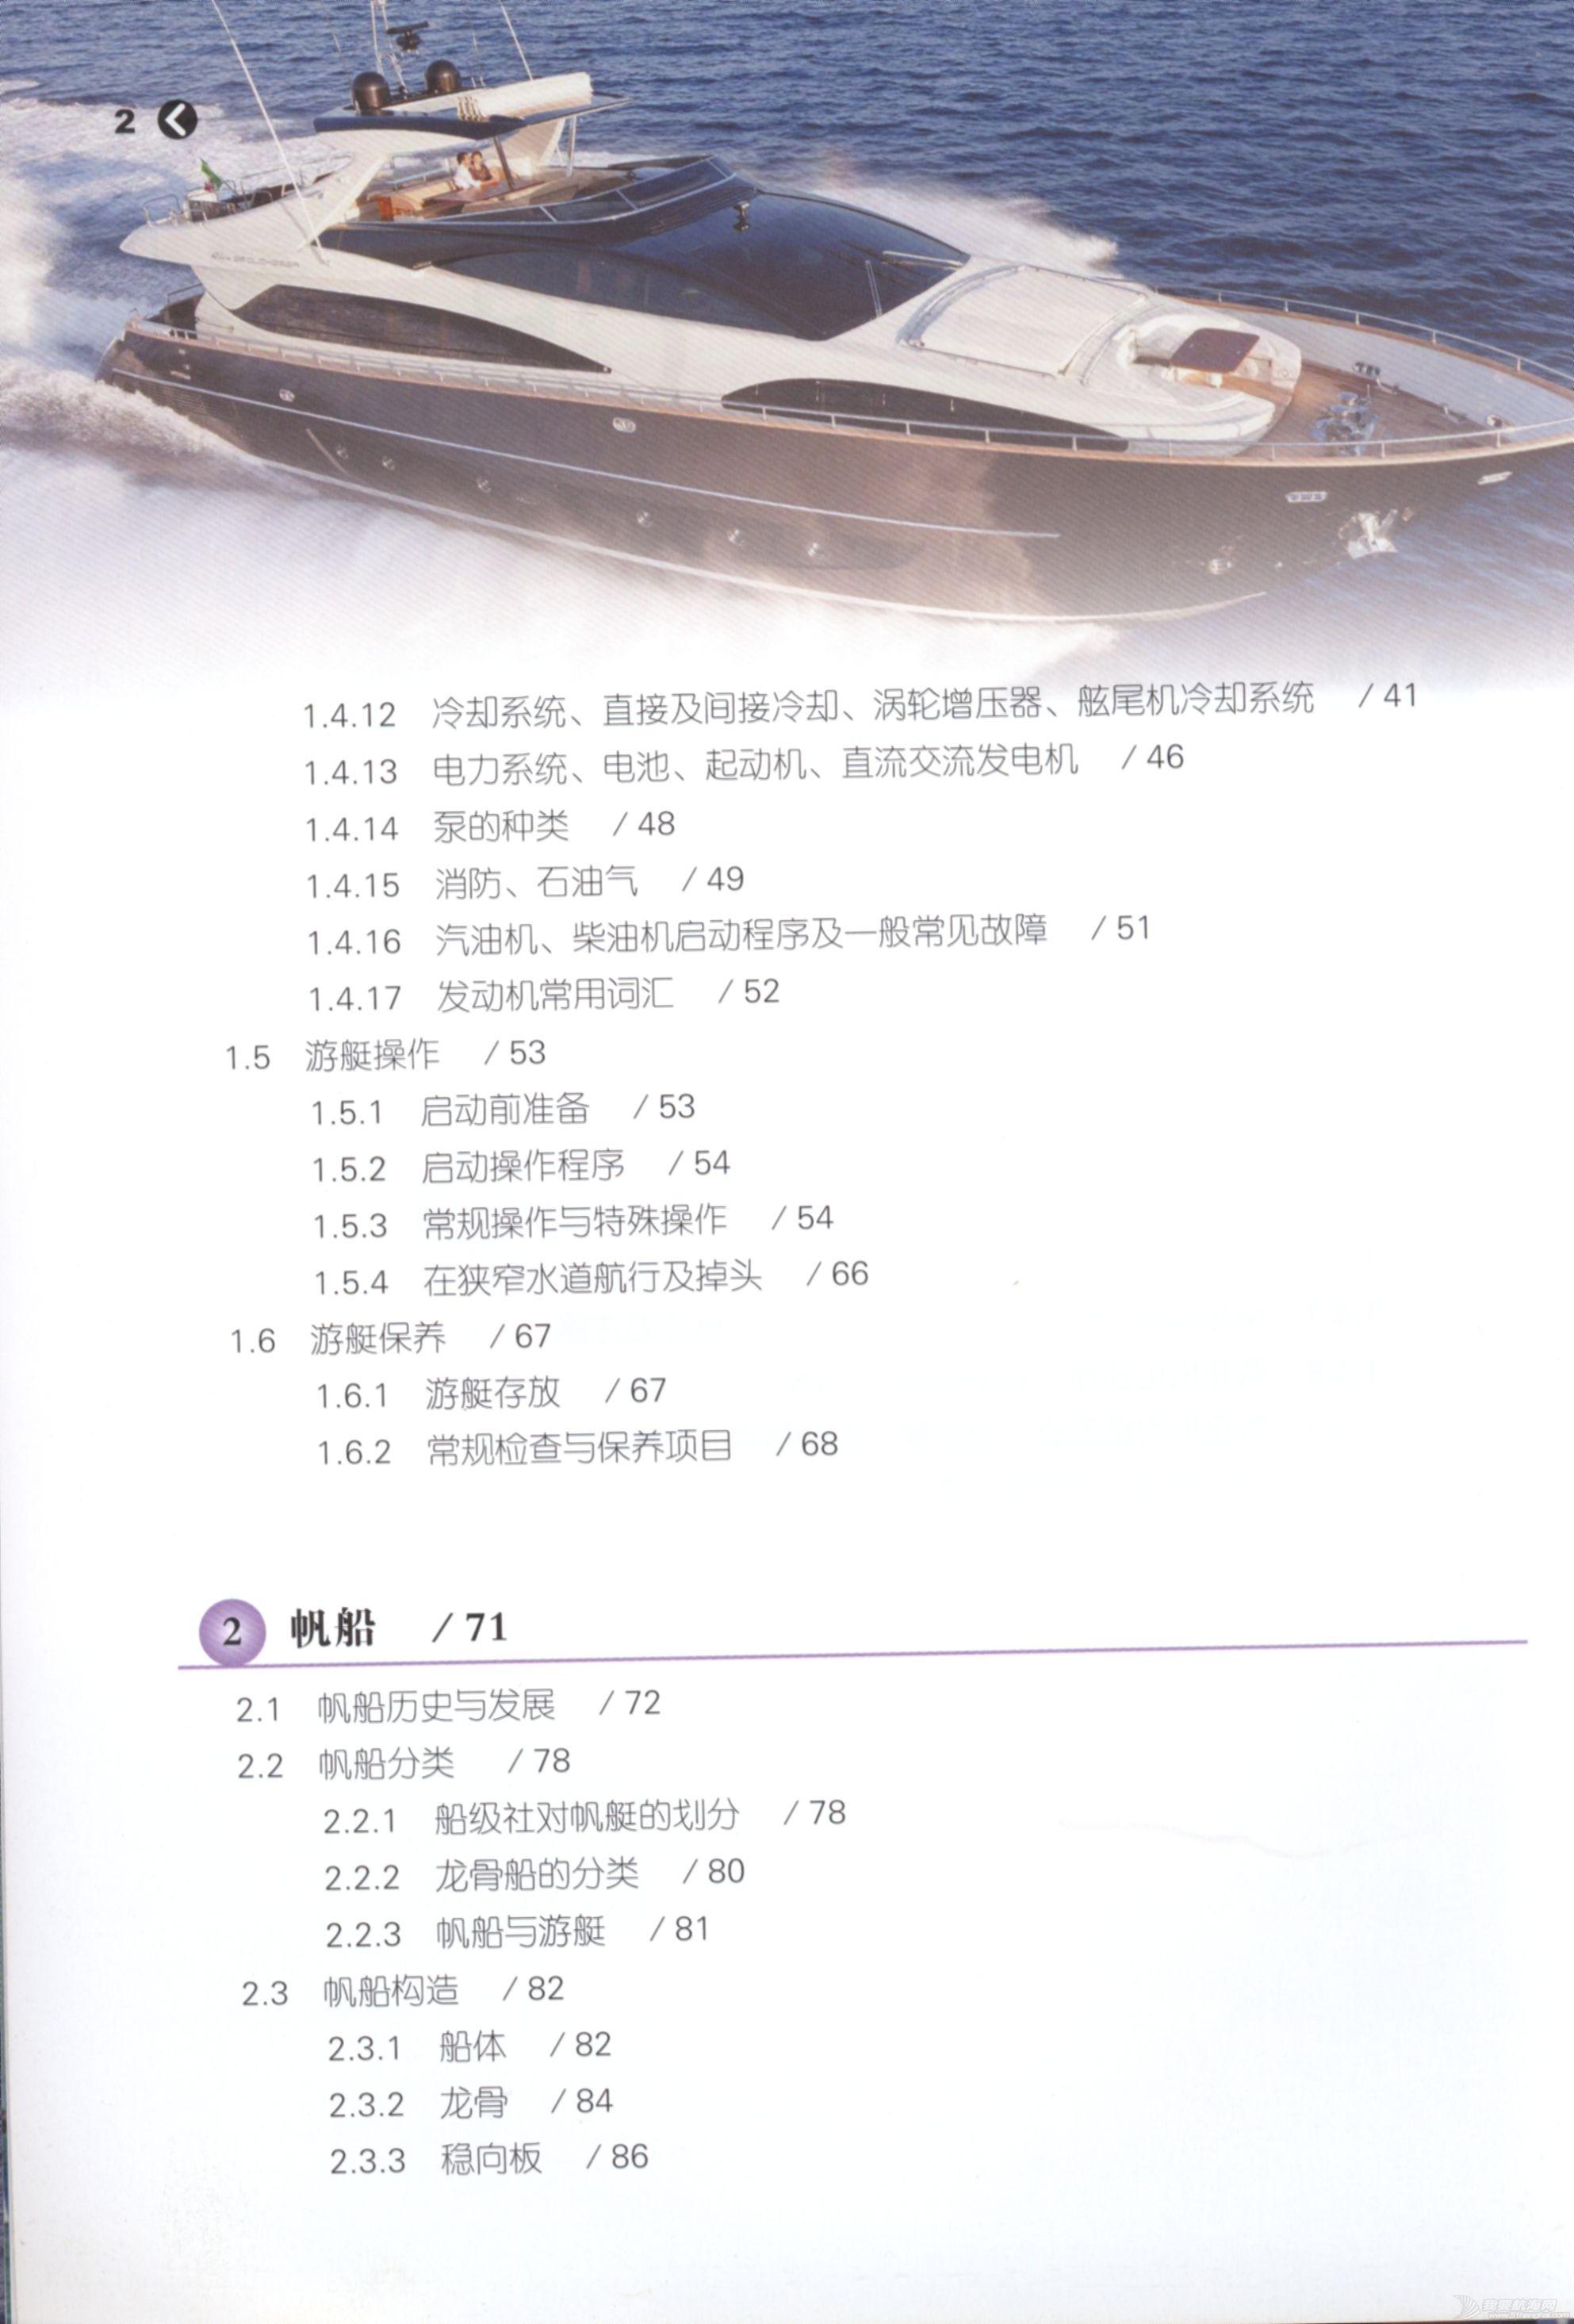 培训教材,TXT下载,帆船,技术 《游艇与帆船操作培训教材》 PDF下载 TXT下载 帆船技术 航海教材 2.jpg